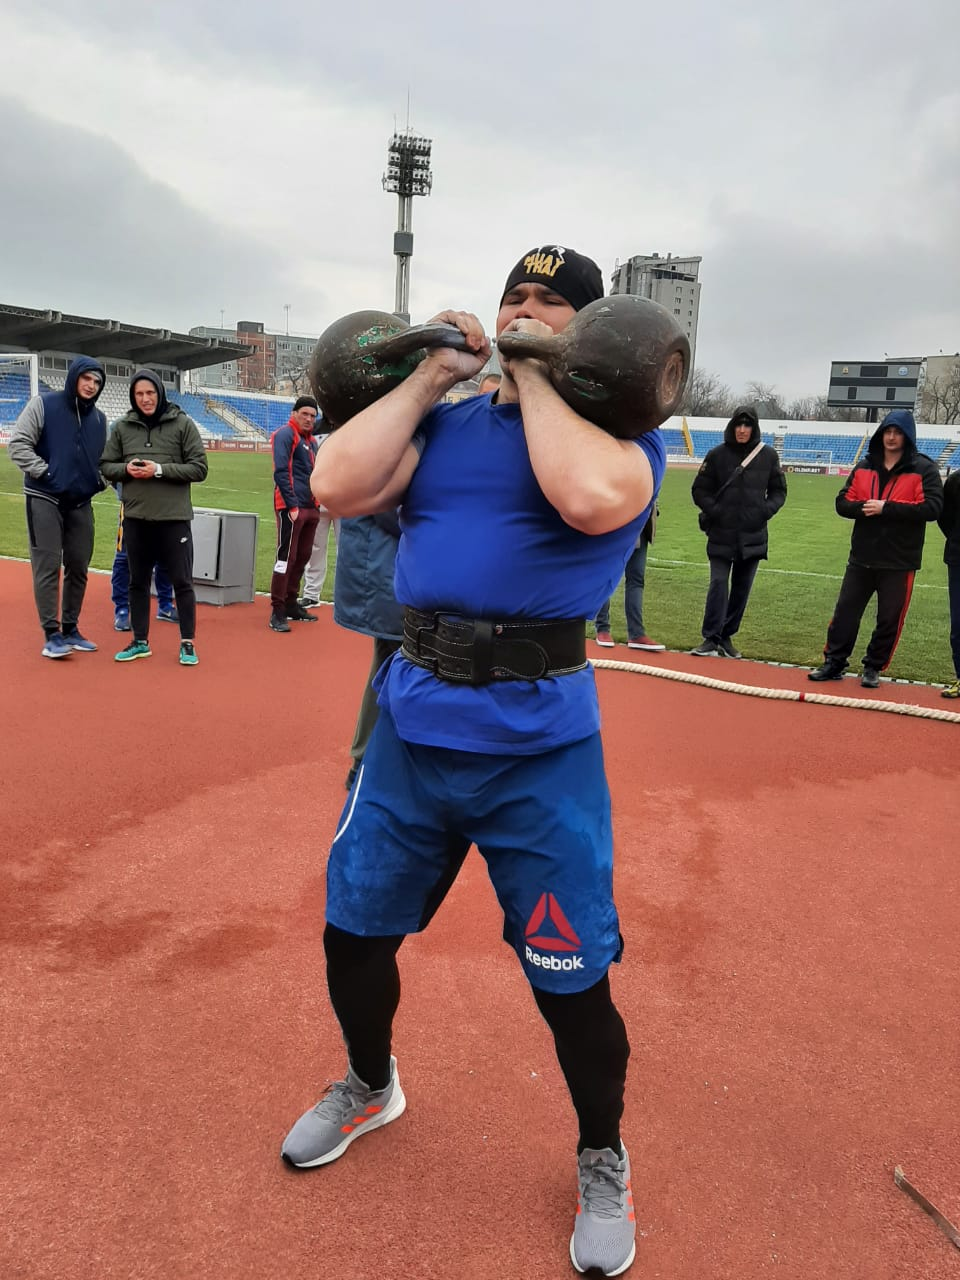 В Новороссийске пожарные и спасатели могут дать фору многим спортсменам